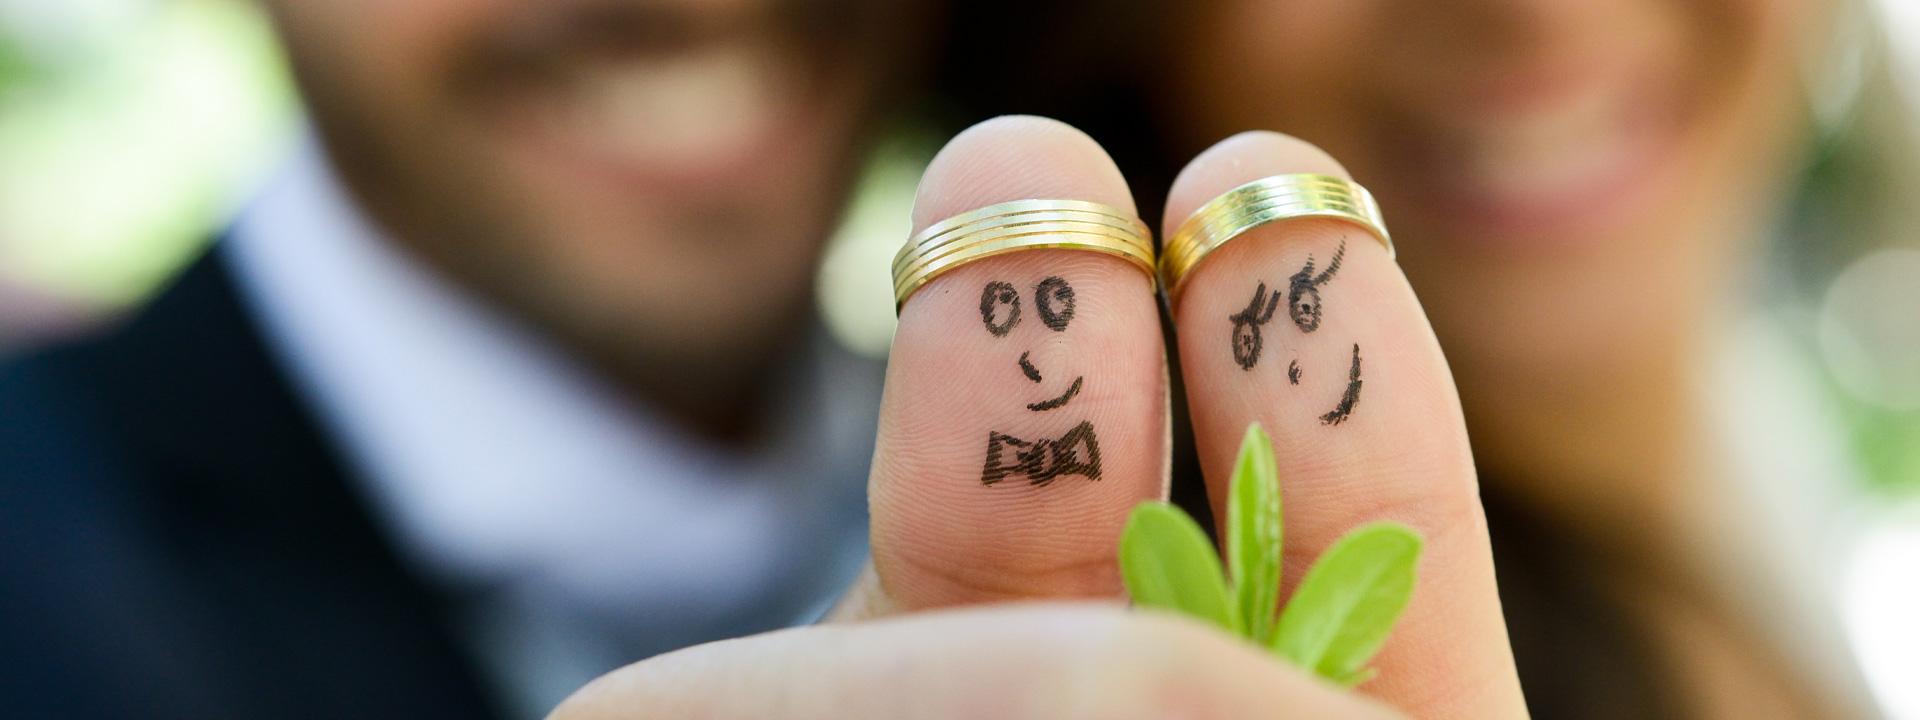 Sposi Felici con daeventpuglia